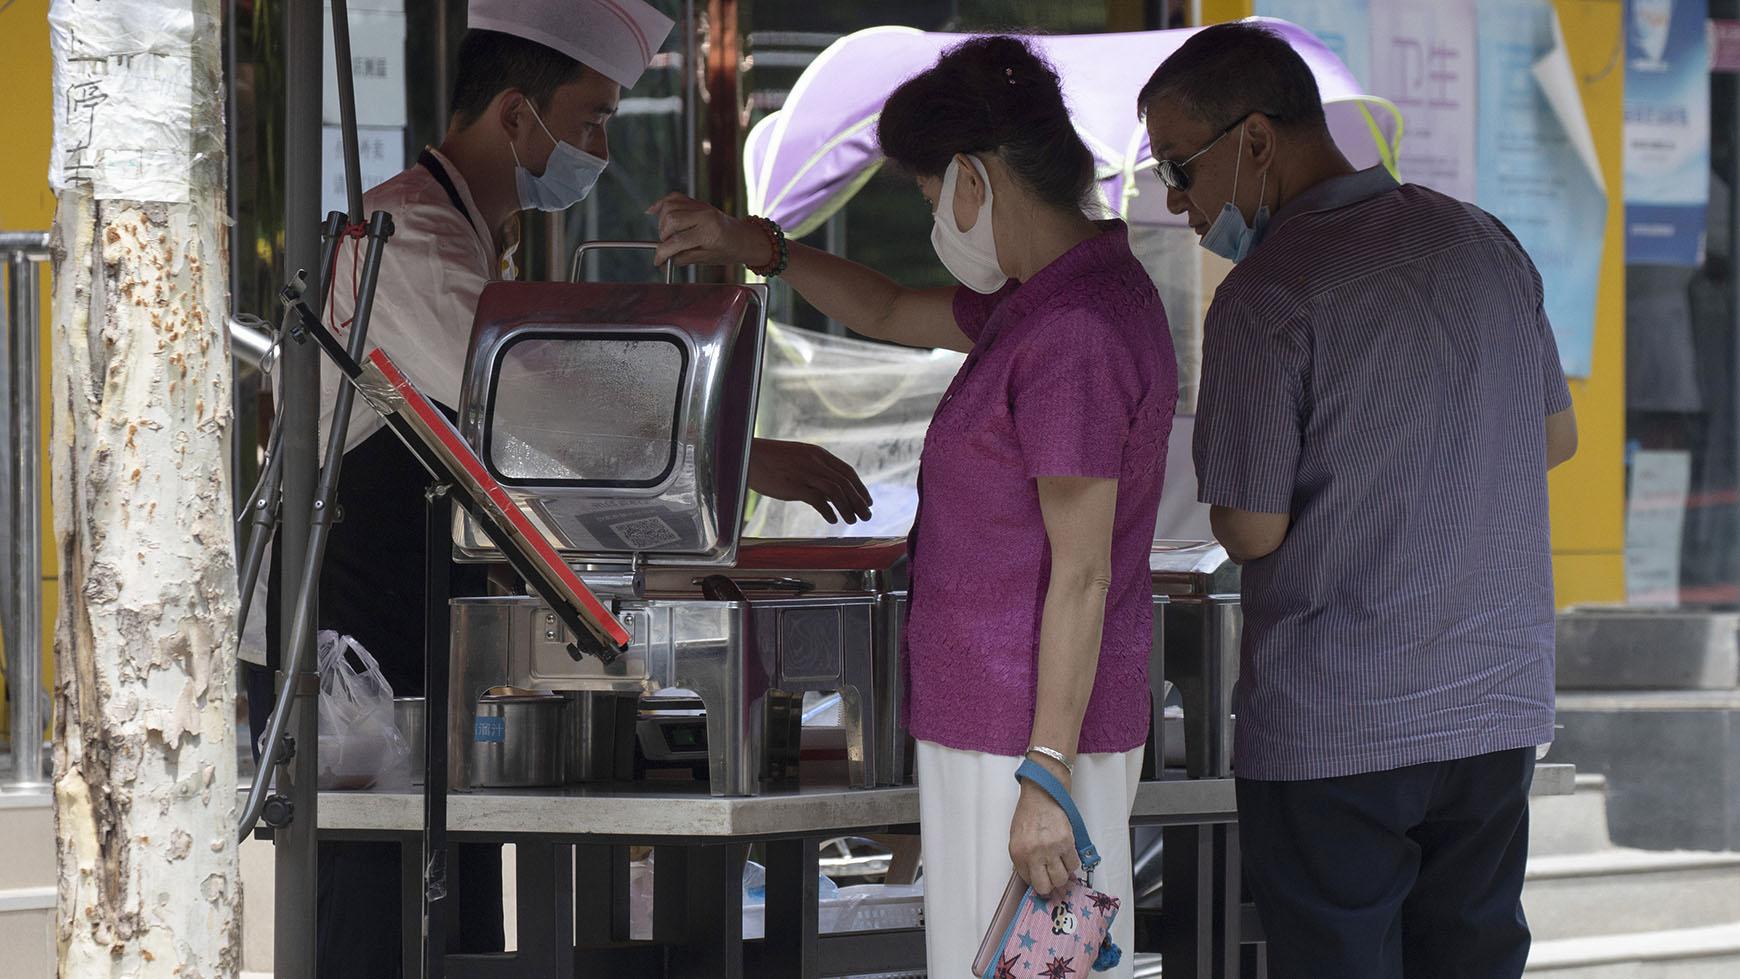 中国经济复苏后又面临困难。图为2020年6月30日北京居民在路边购买食物。(美联社)